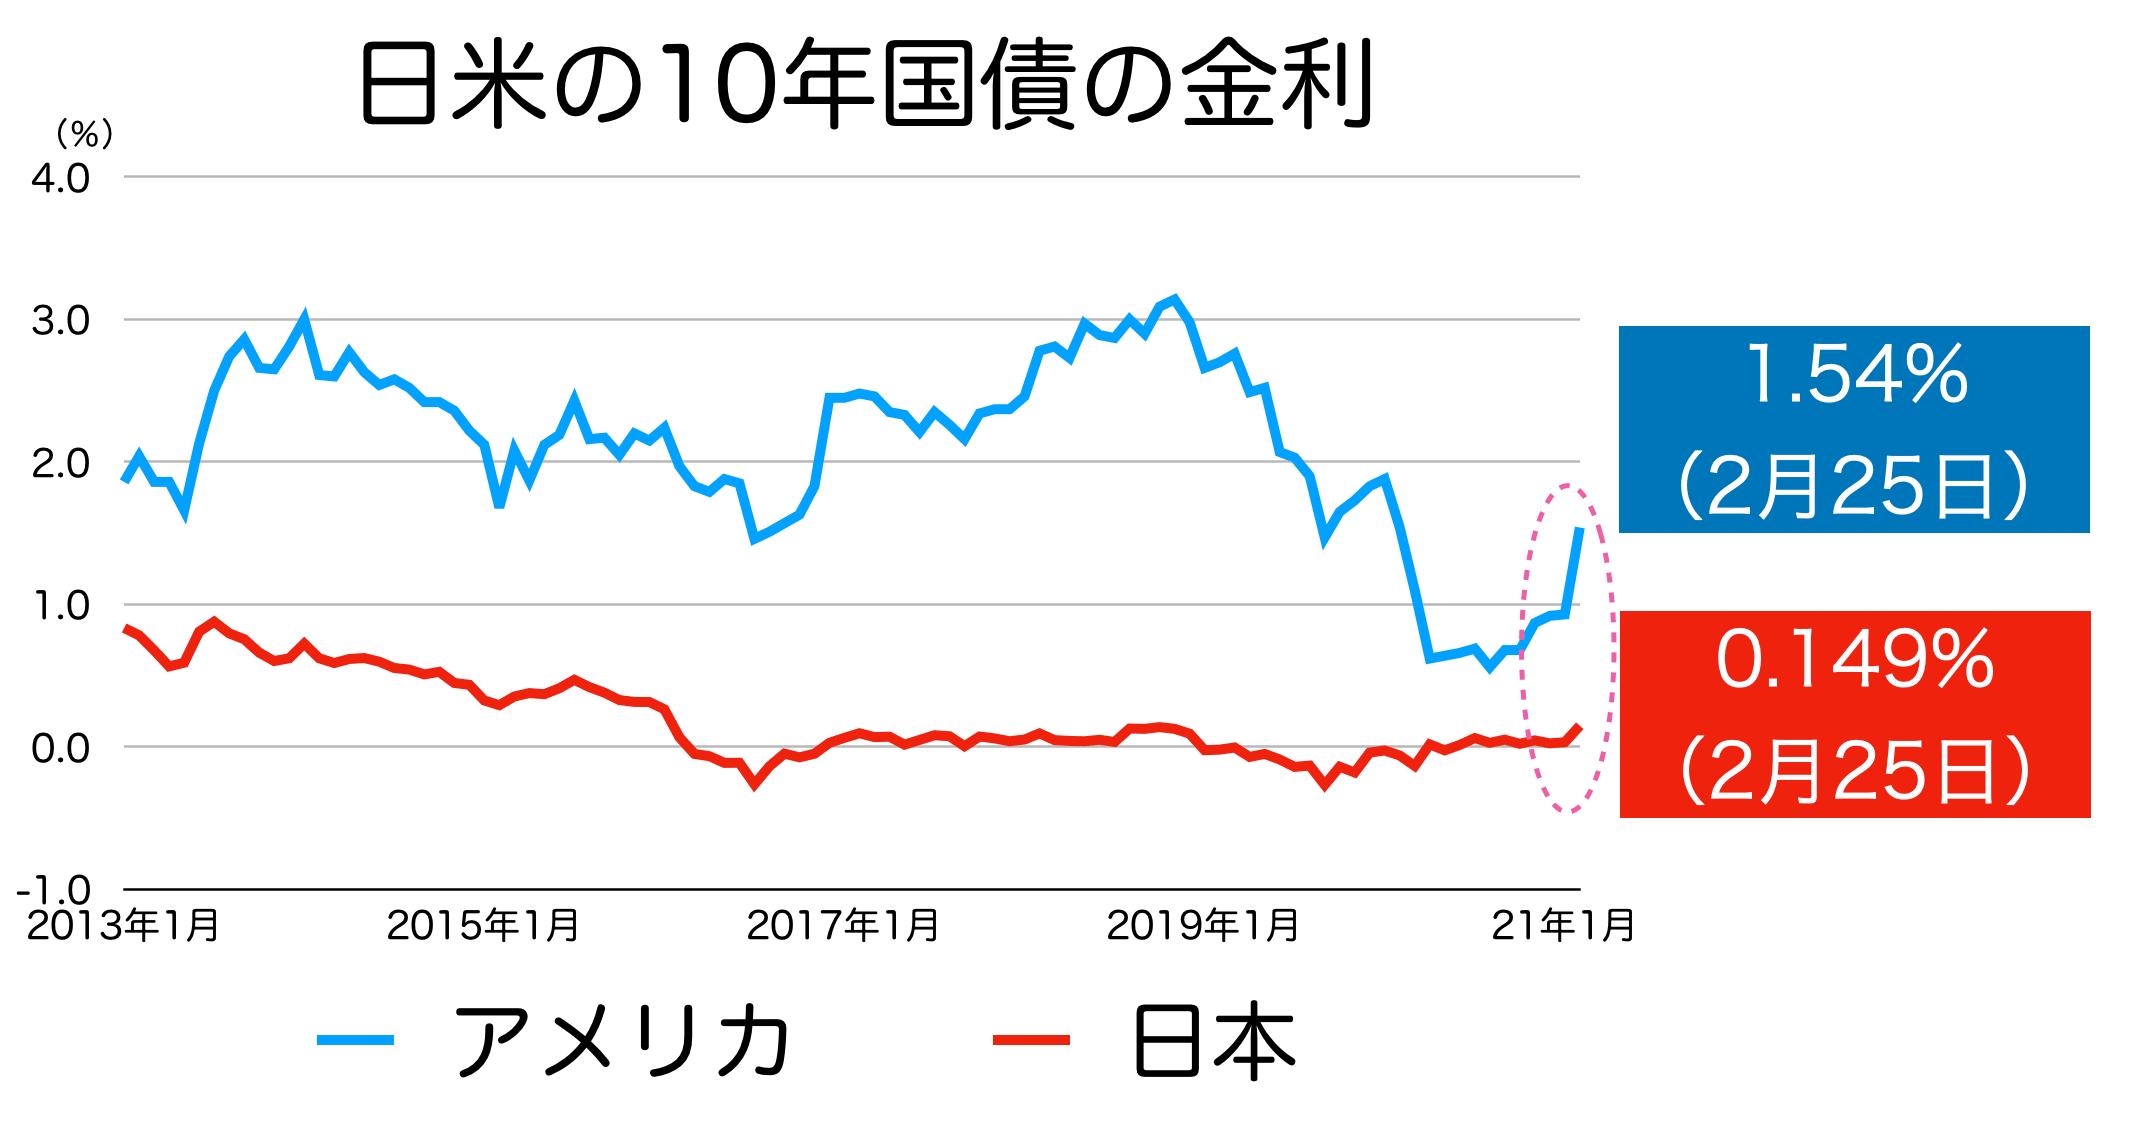 日米の10年国債の金利